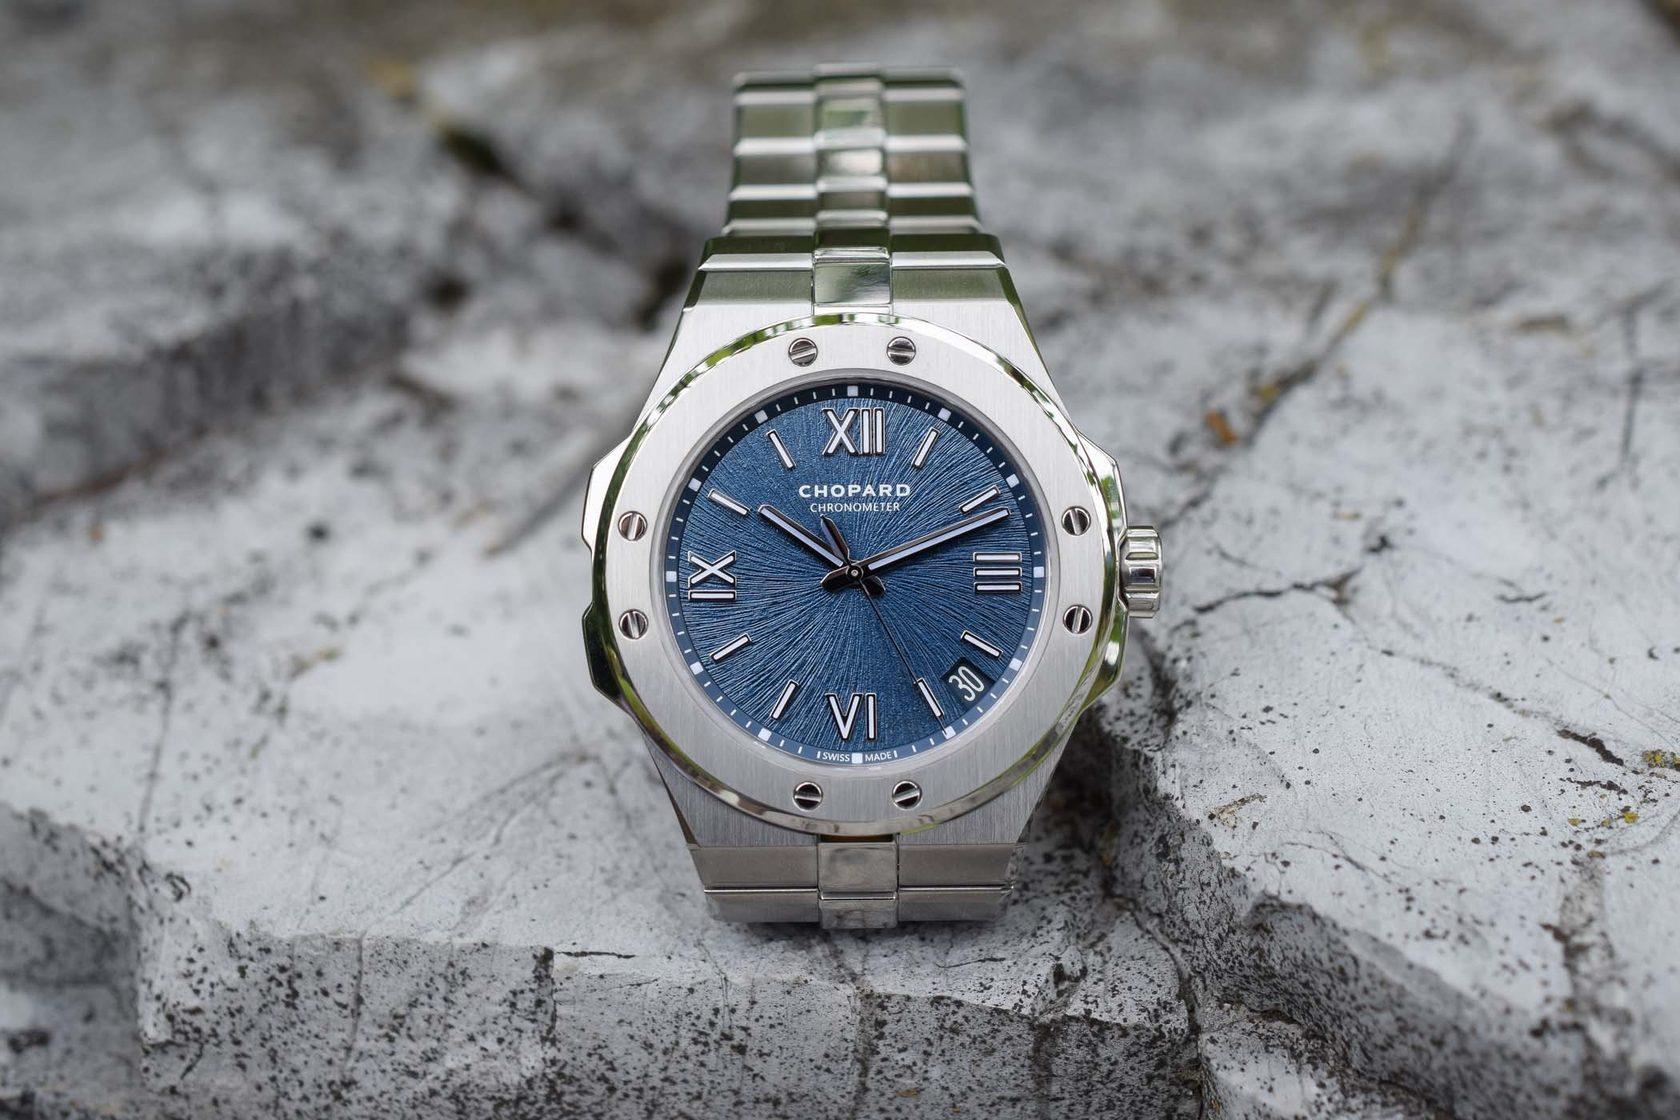 Продать часы Chopard - Элитный Часовой Ломбард